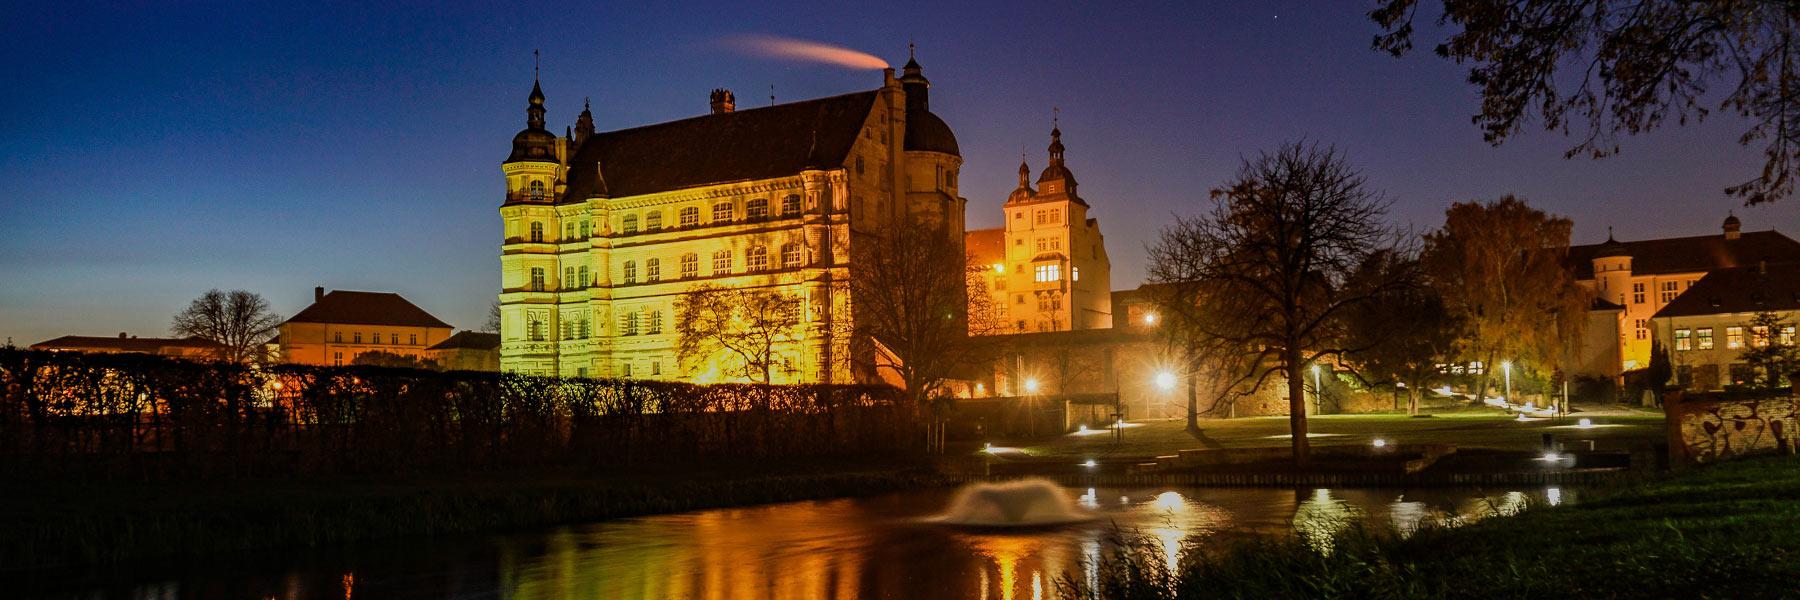 Schloss bei Nacht - Güstrow